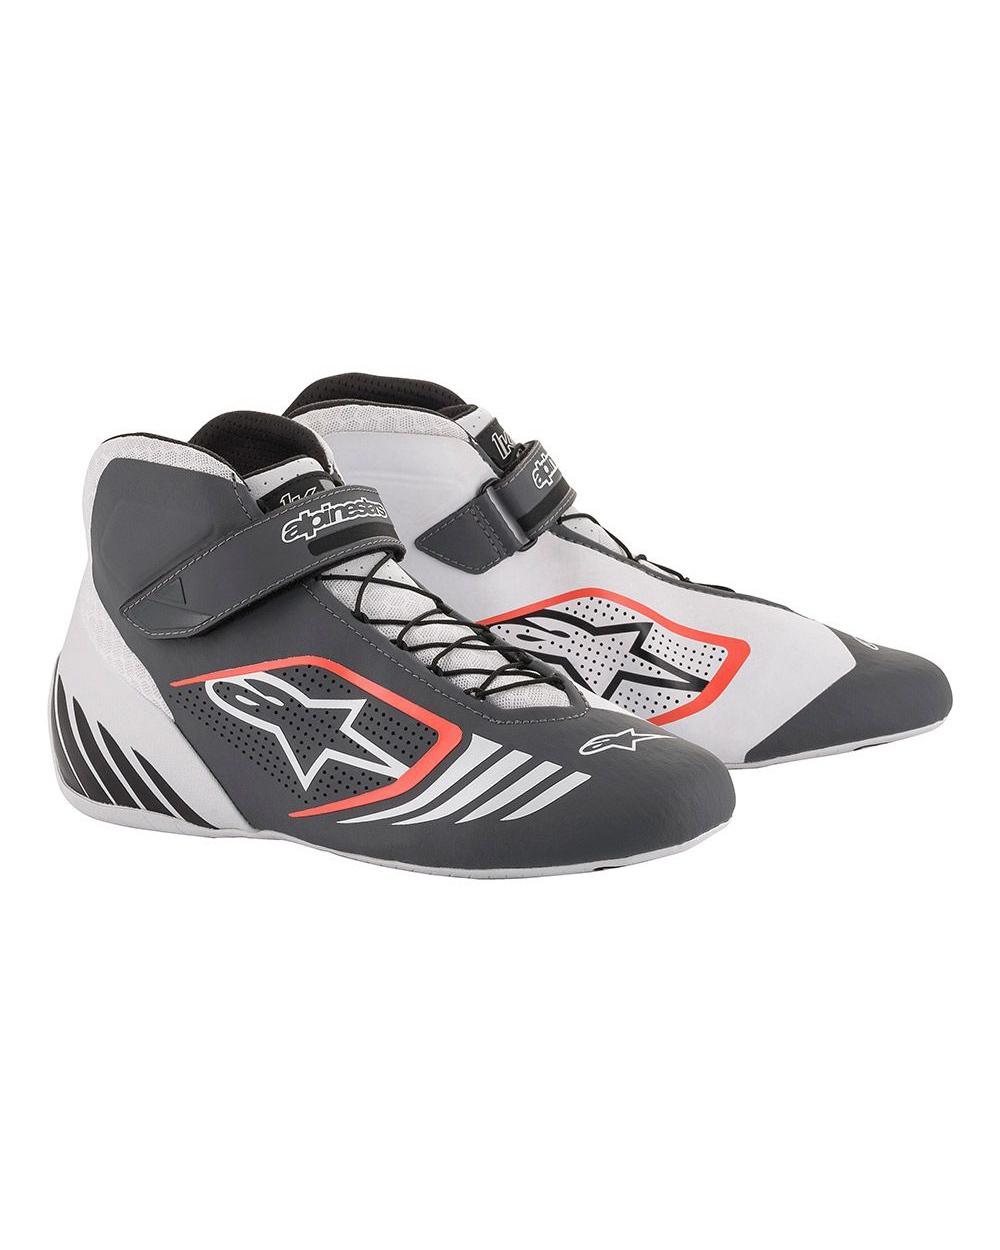 Alpinestars Tech-1 KX Schoenen Wit Gijs Fluo Rood